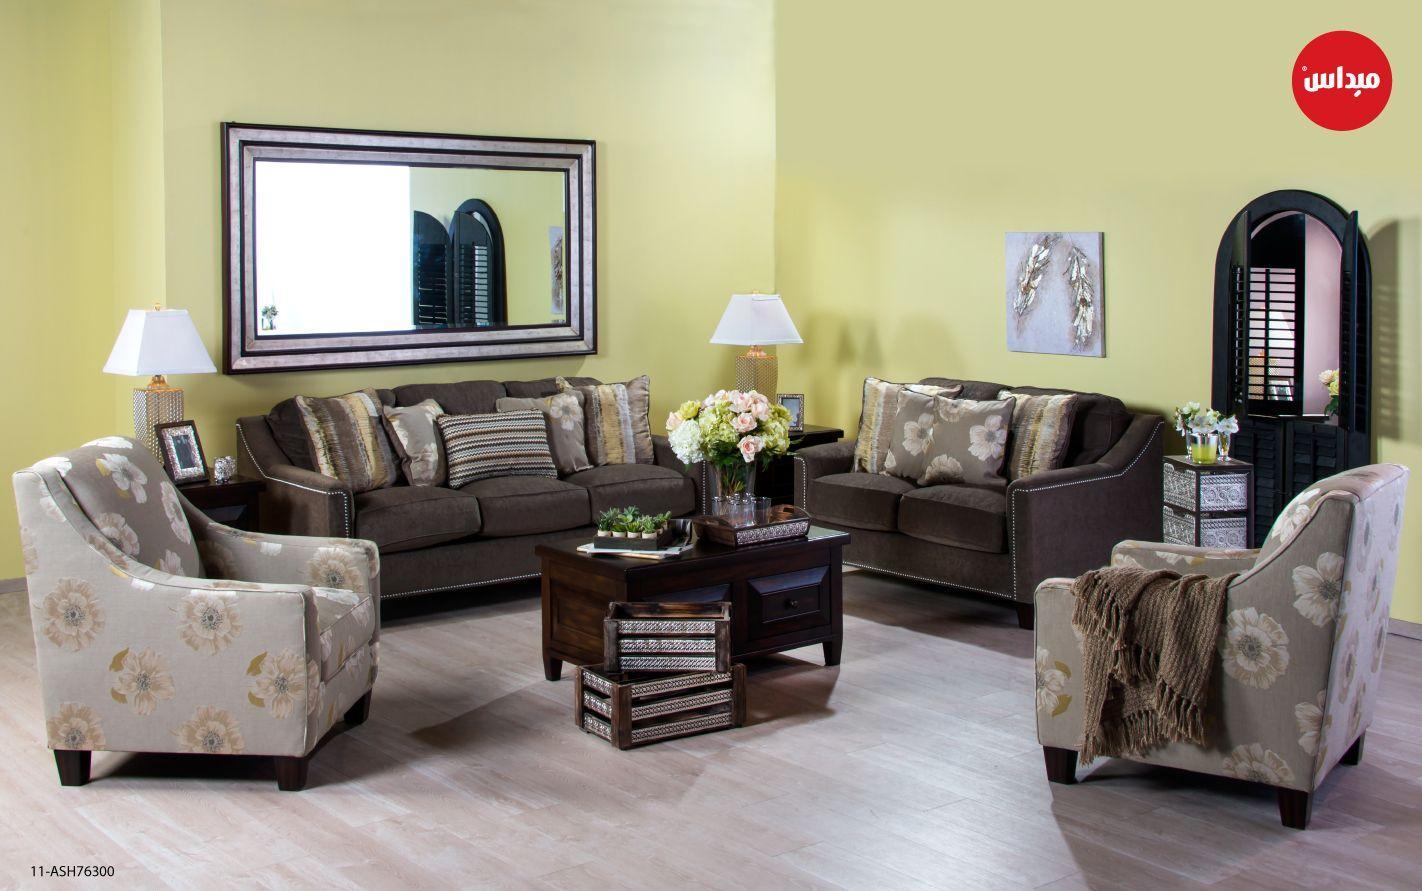 جدد غرفة جلوسك وواكب كل ما هو جديد مثل هذا الكنب لجمعات عائلية وأمسيات مع الأصدقاء ميداس غرف جلوس أثاث السعودية الكويت قطر Furniture Home Modern House